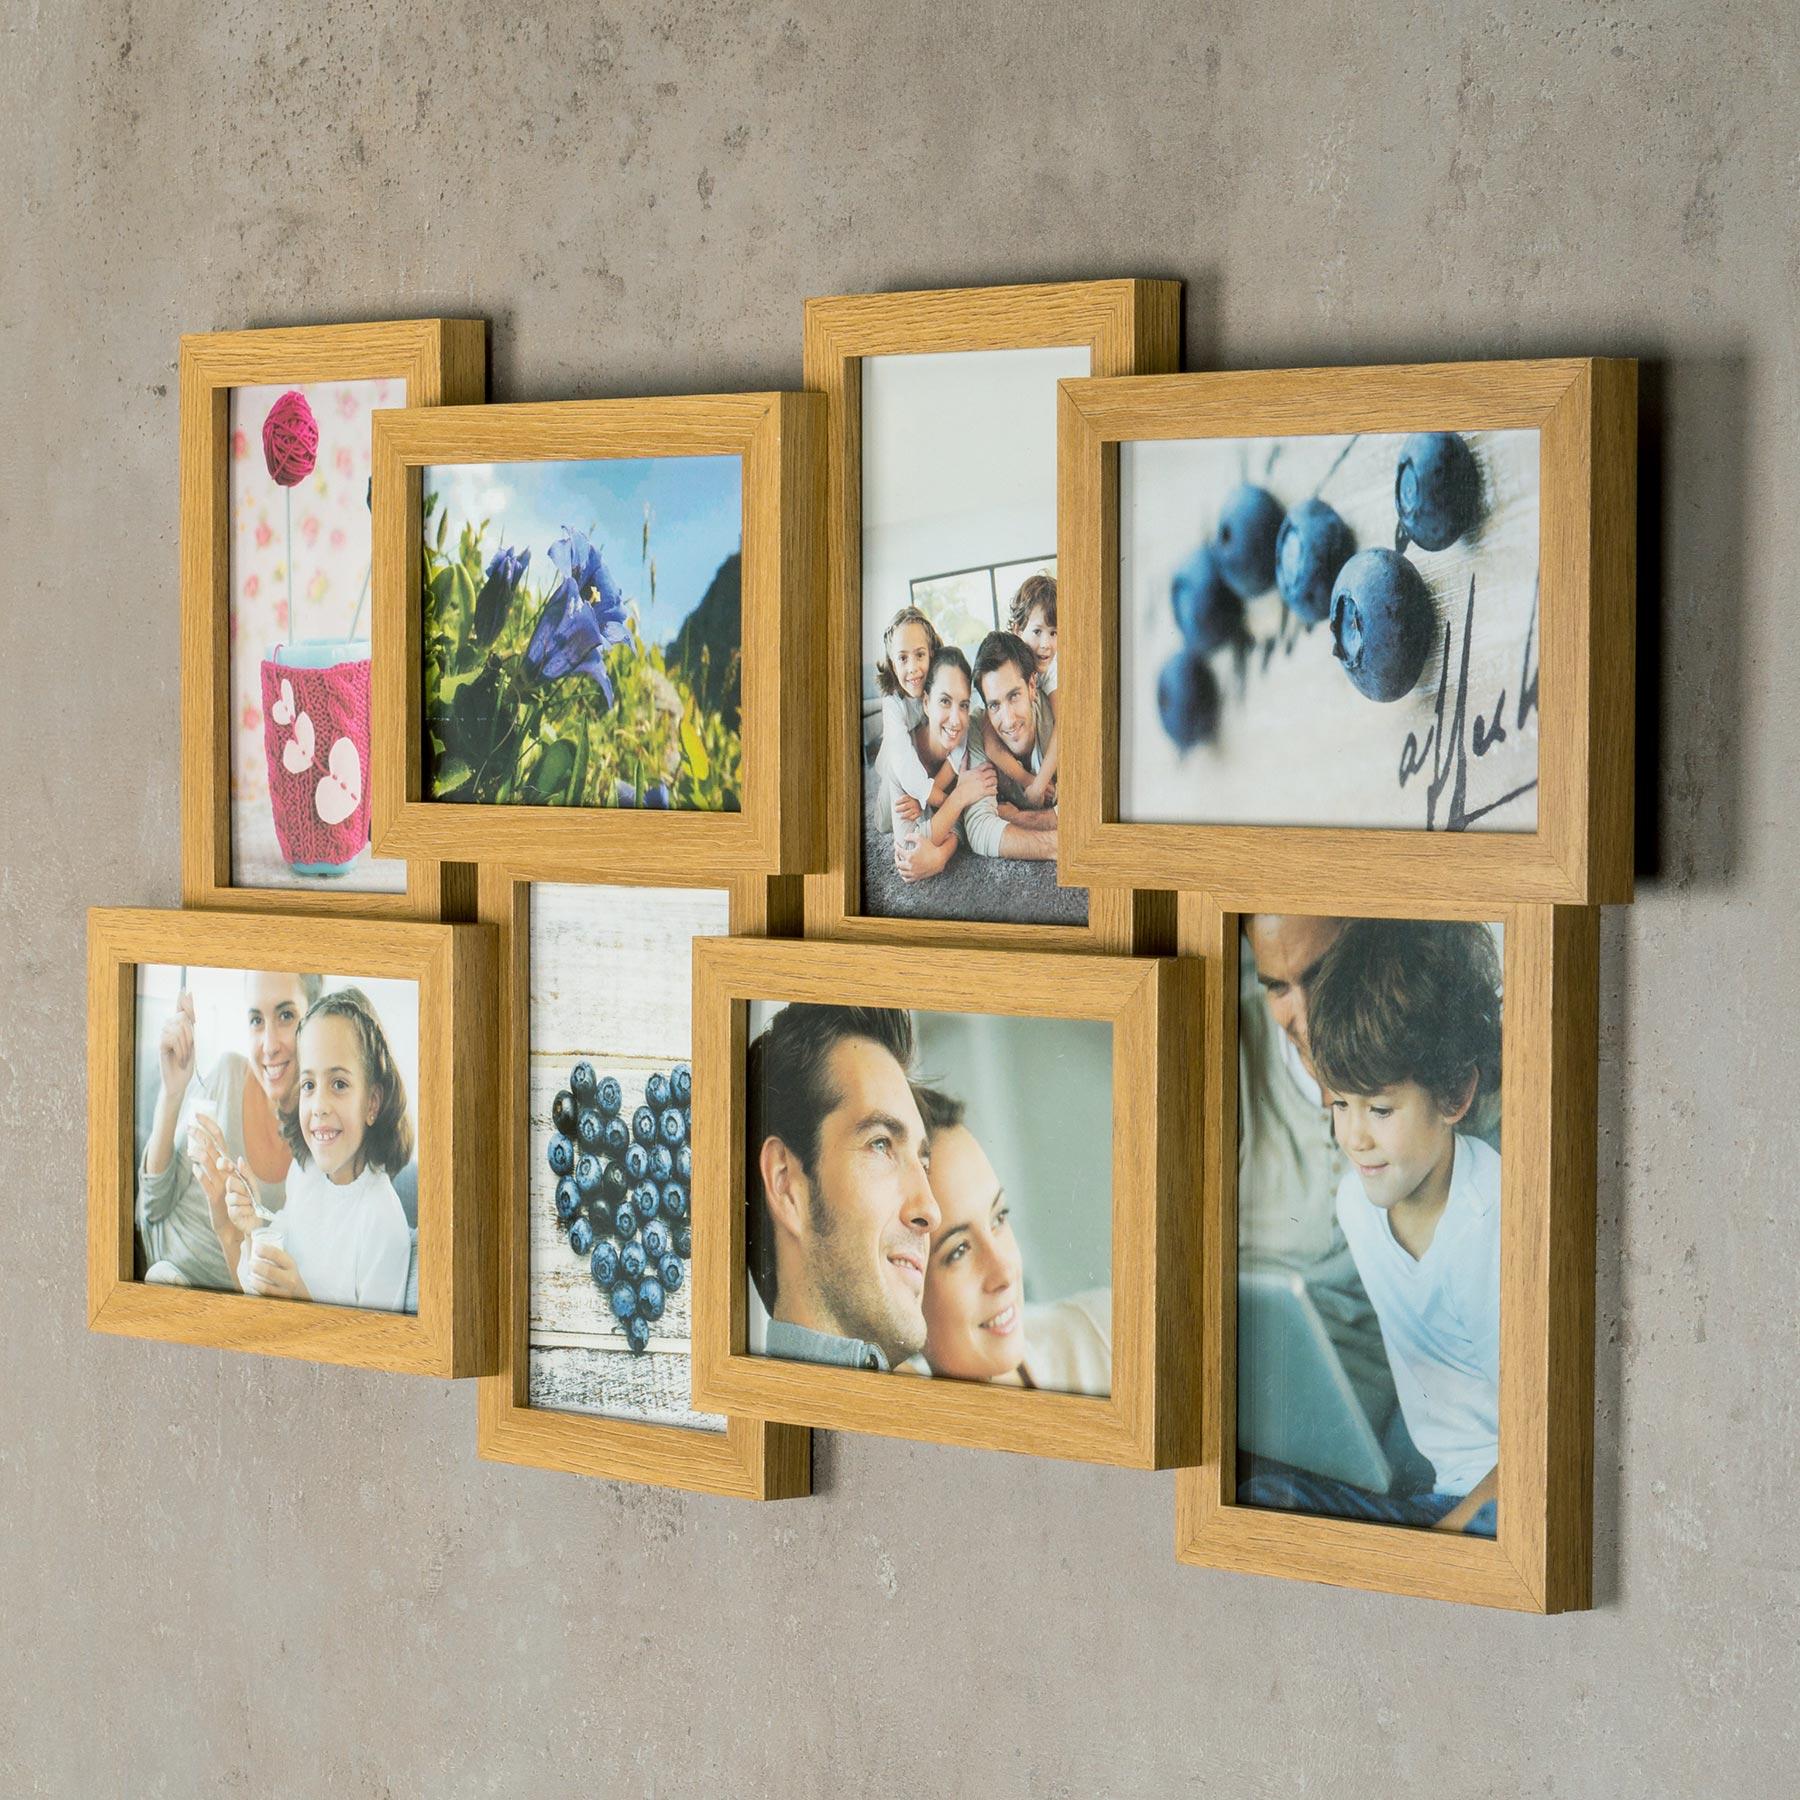 Gemütlich Collage Rahmen Für 8x10 Fotos Bilder - Benutzerdefinierte ...